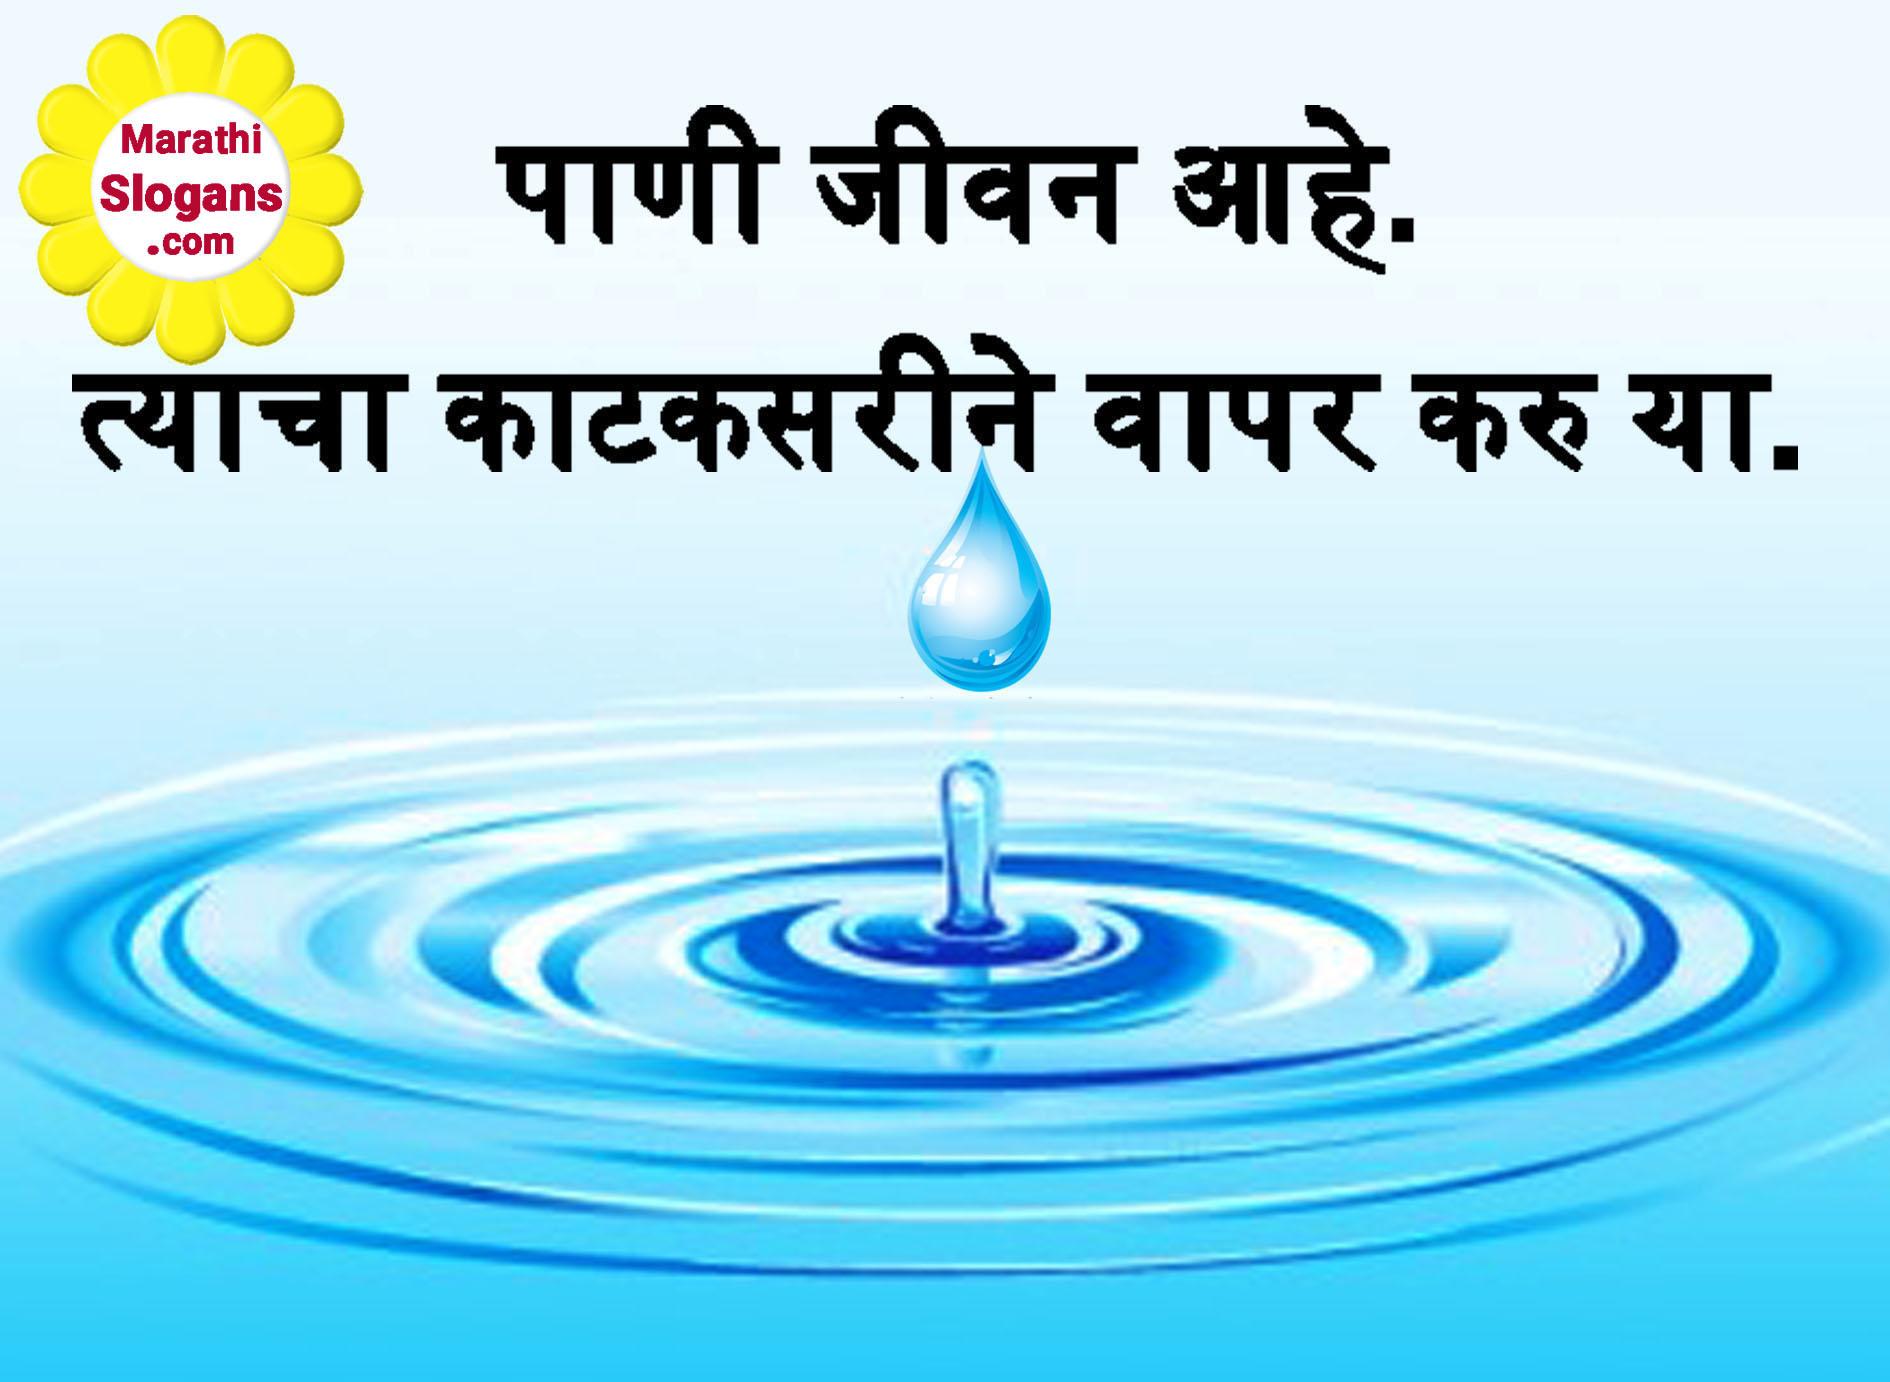 slogan on save oil